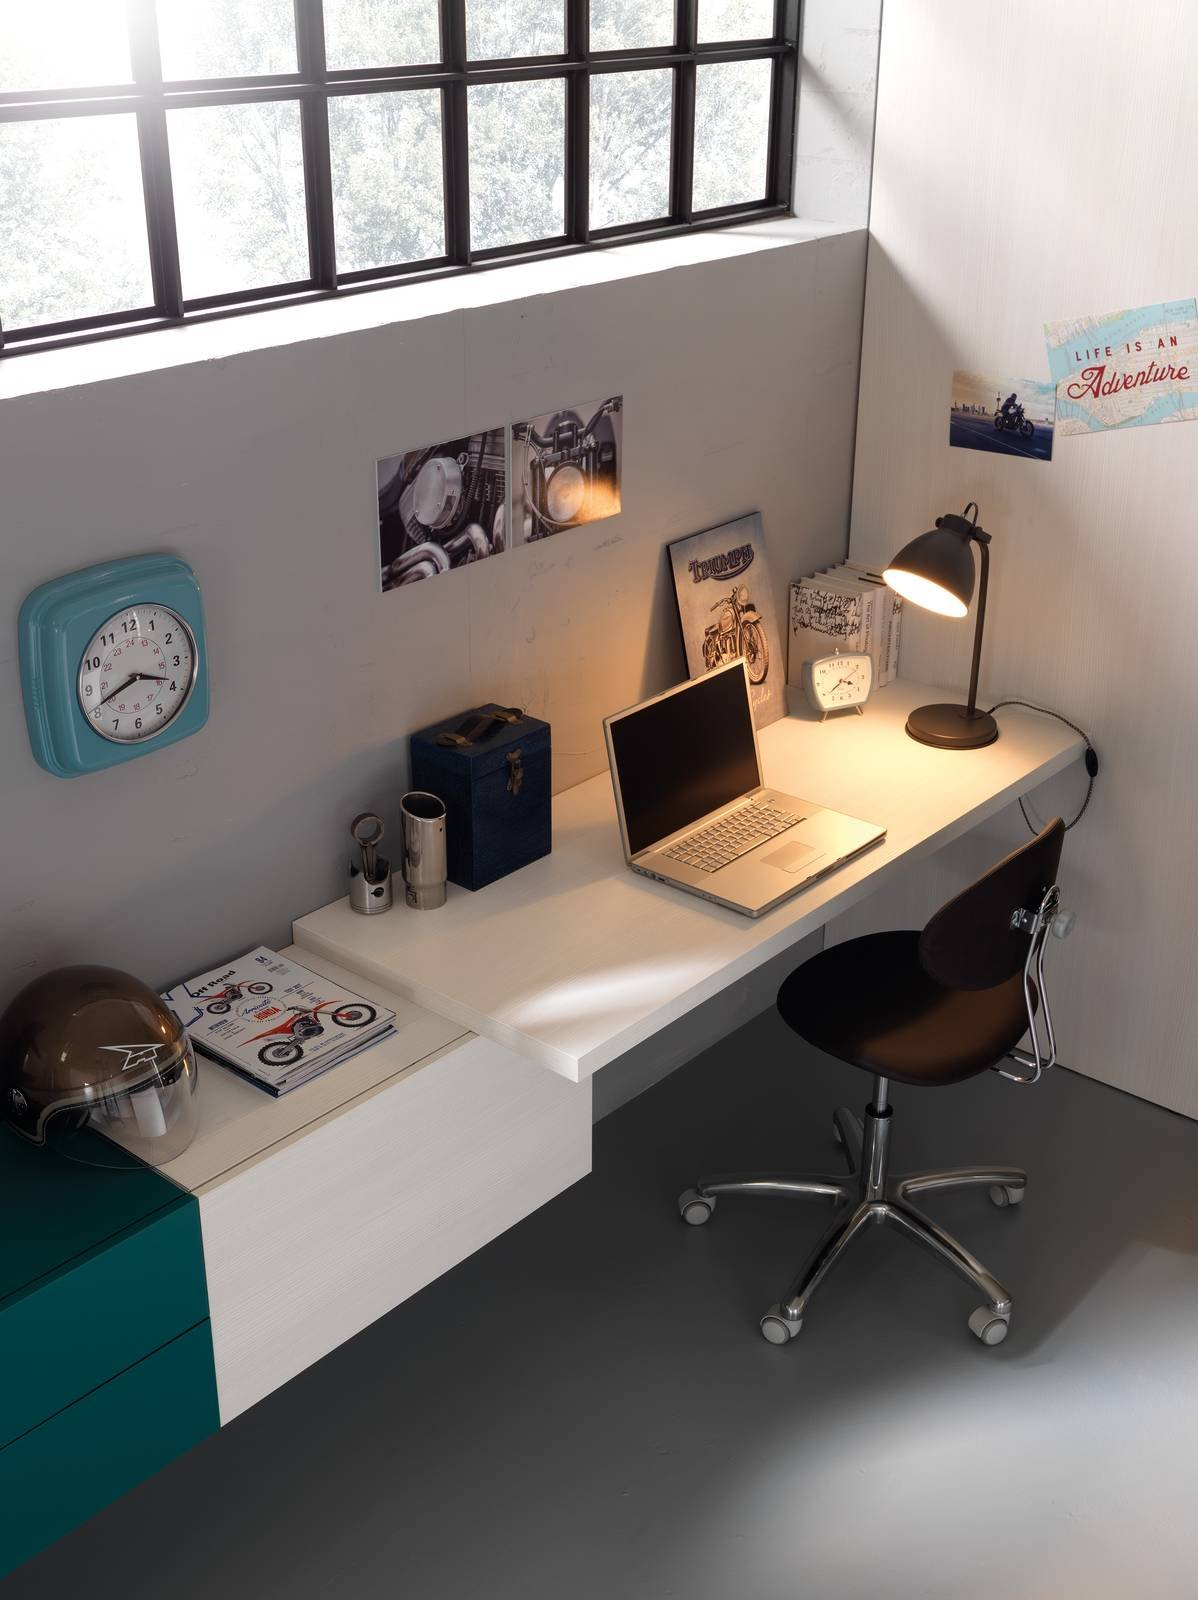 Scrivania studio scrivania tavolo ufficio studio for Scrivania per studio